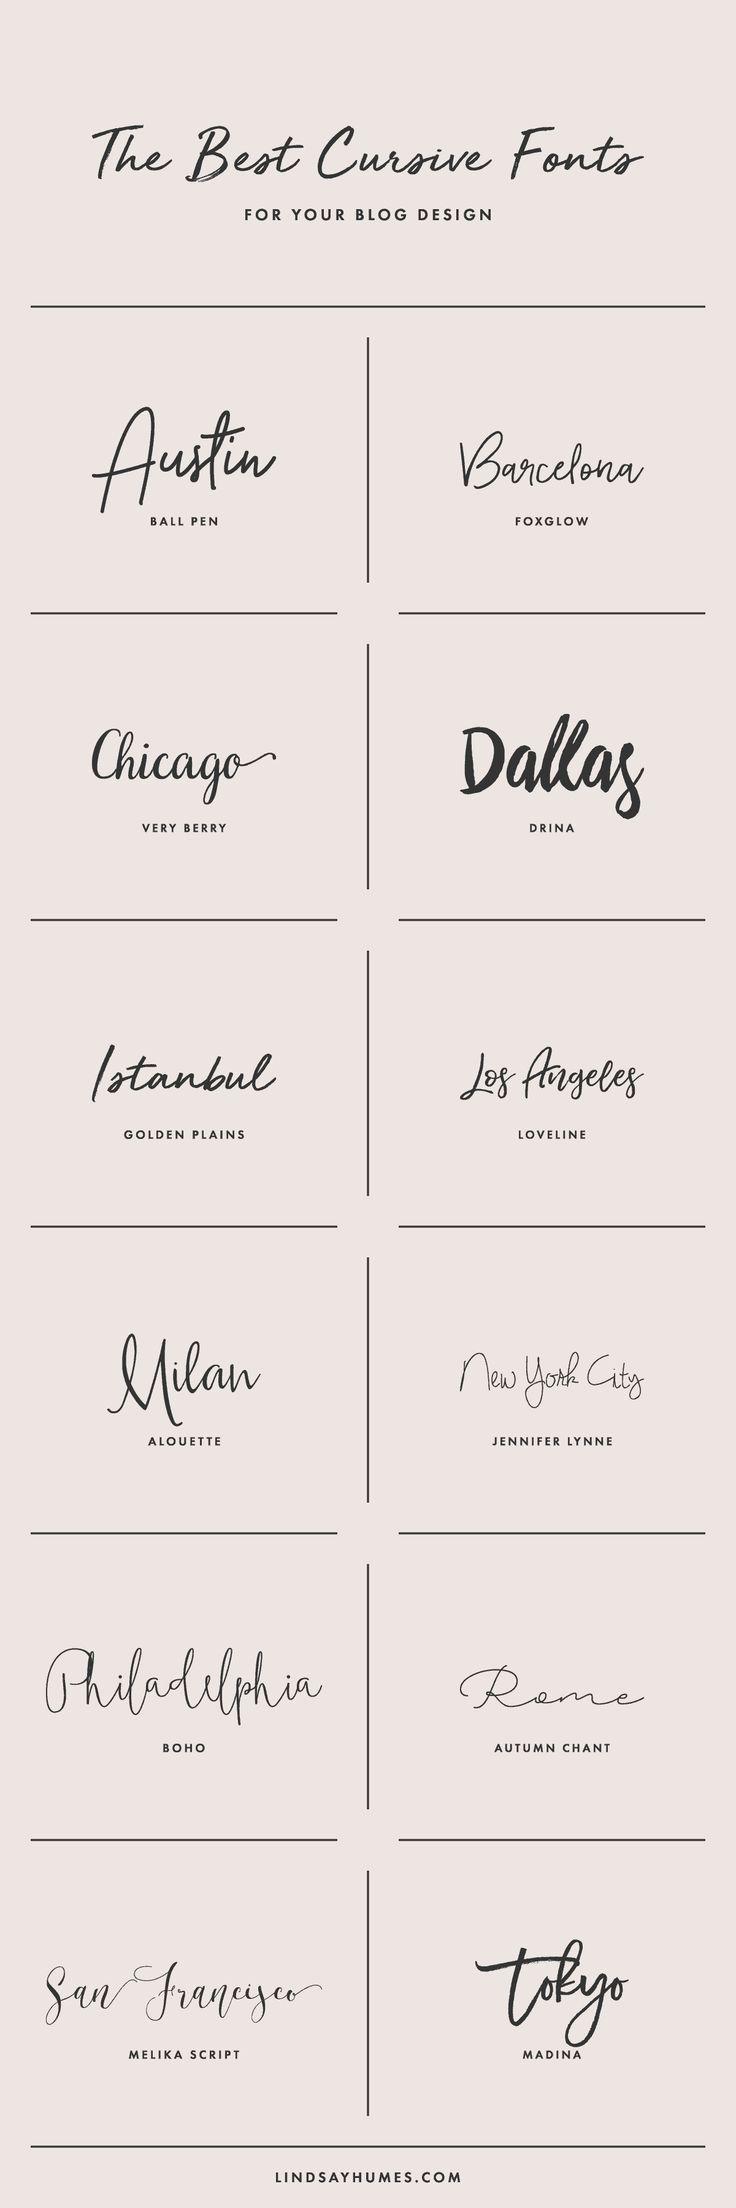 So wählen Sie kursive Schriftarten für Ihr Blog-Design aus #Tattoos #Ale